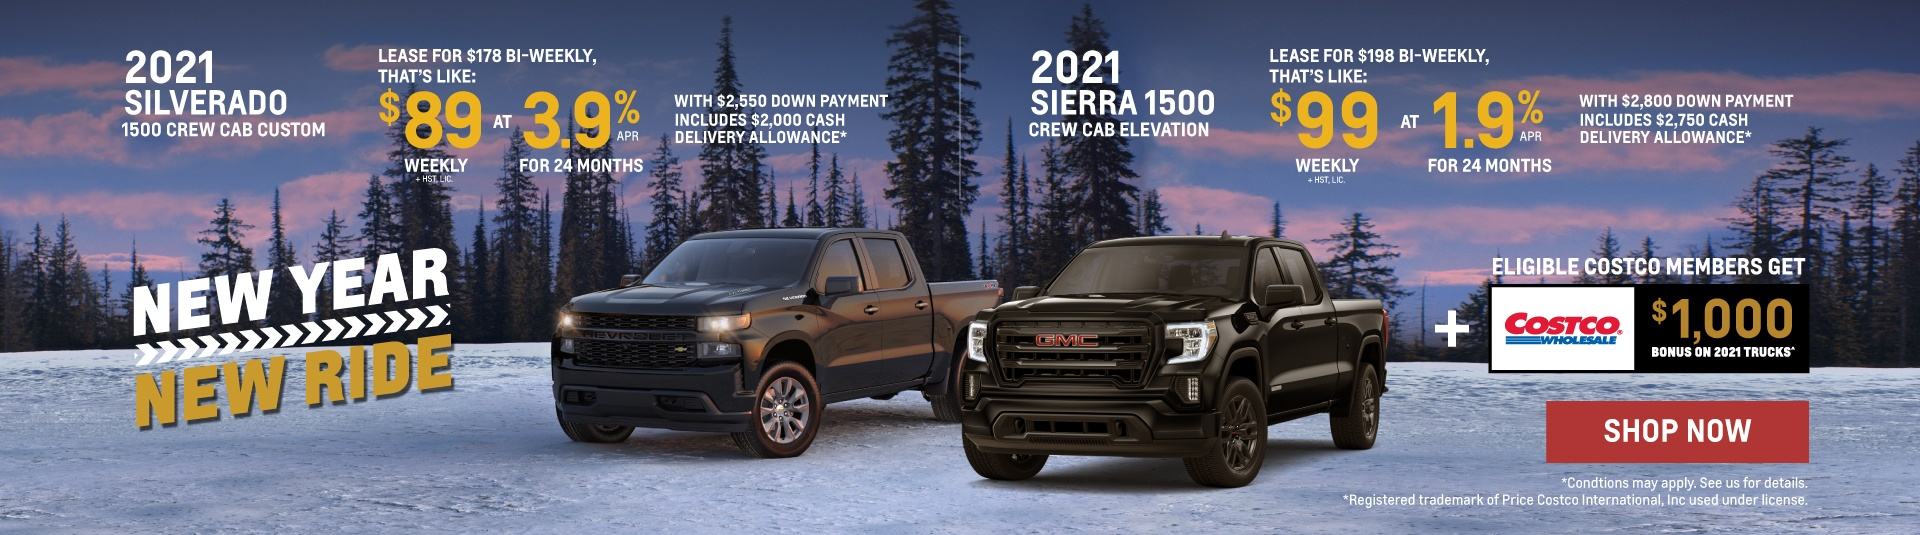 2021 Chevrolet Silverado and 2021 GMC Sierra Offers in Etobicoke